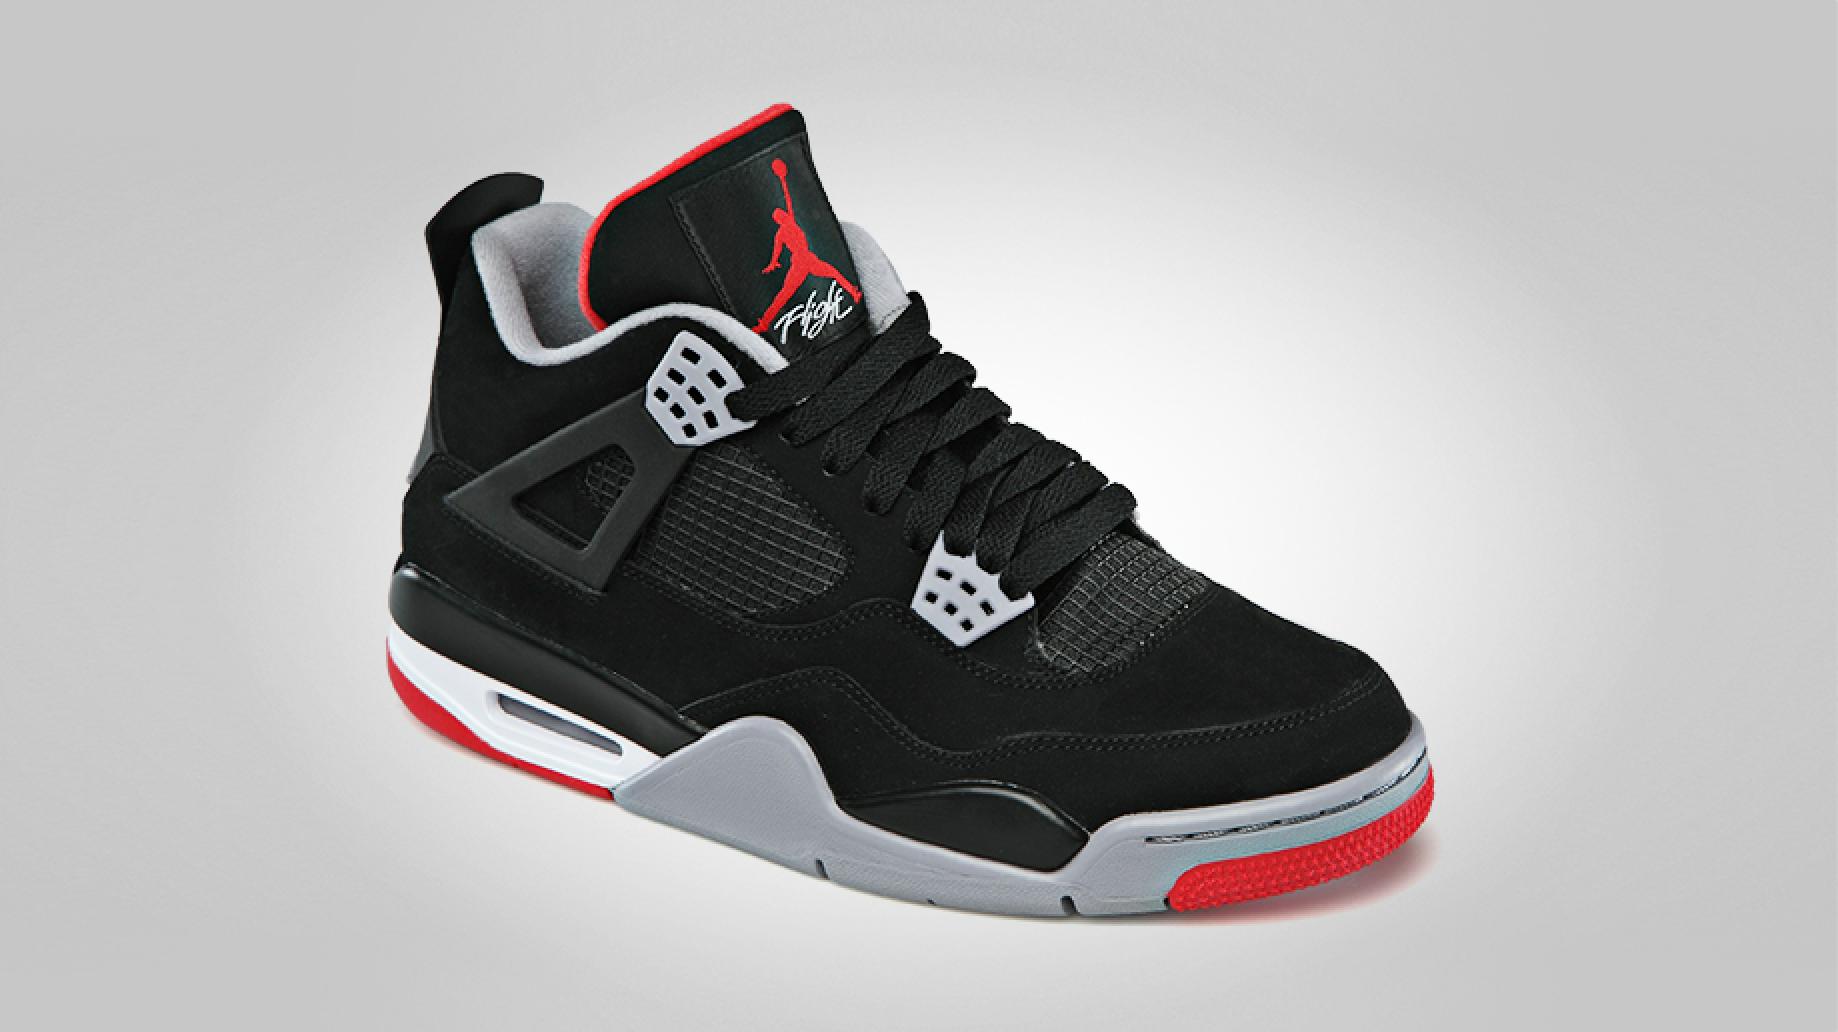 Air Jordan IV (4) 'Black/Cement' - Official Images